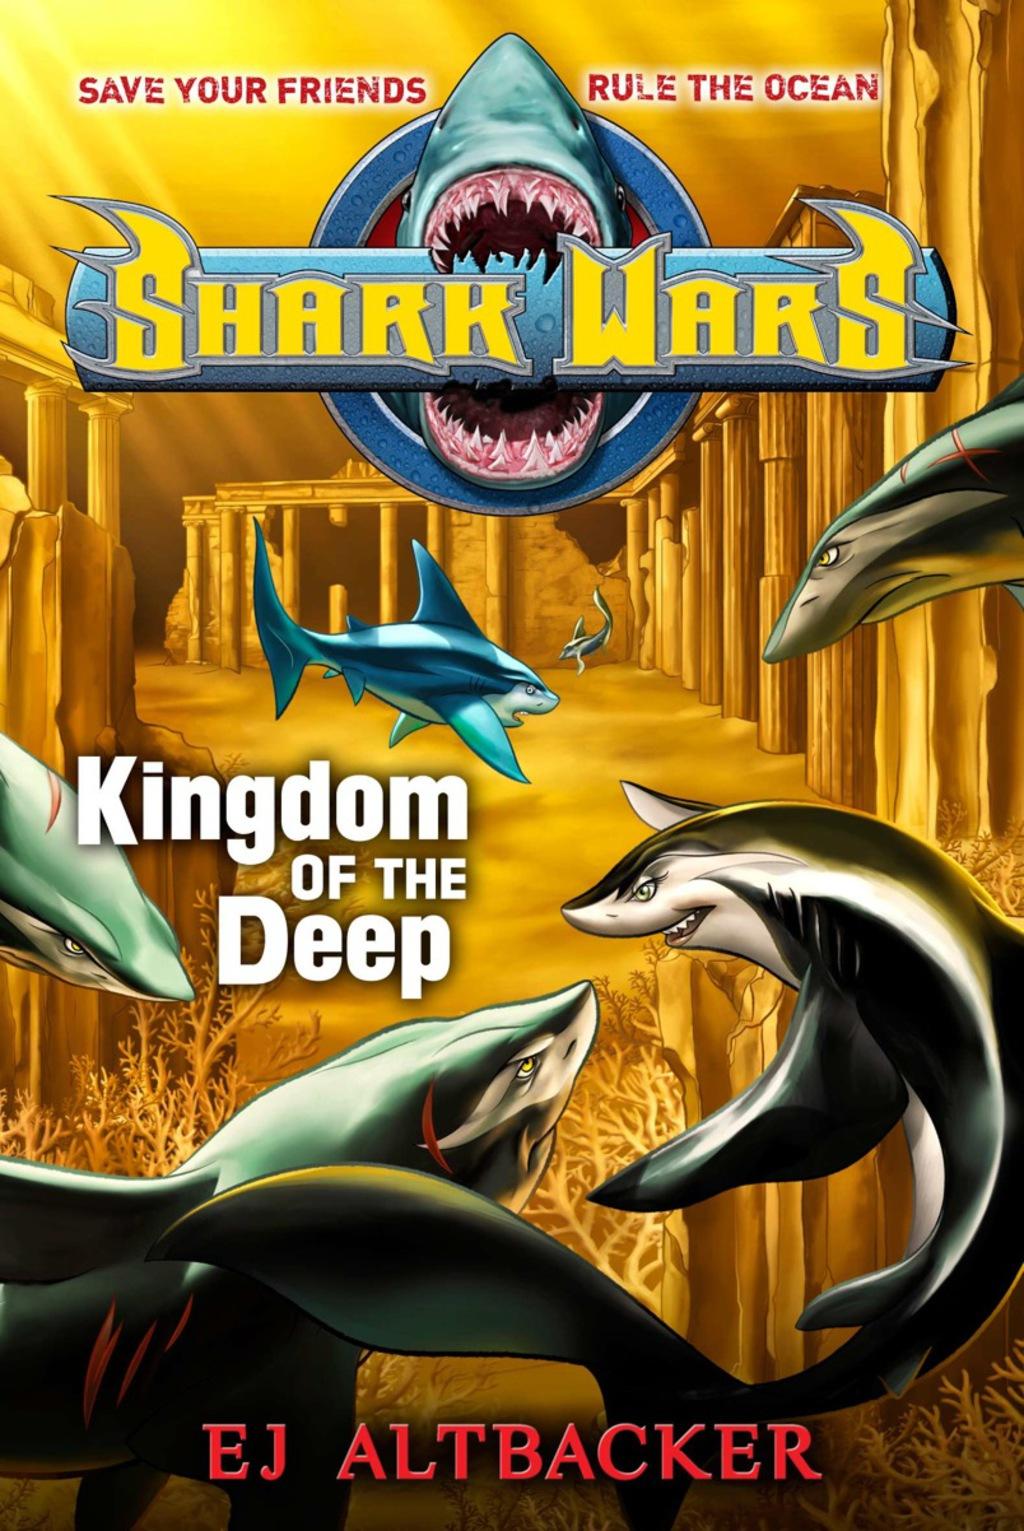 Shark Wars #4 (ebook)